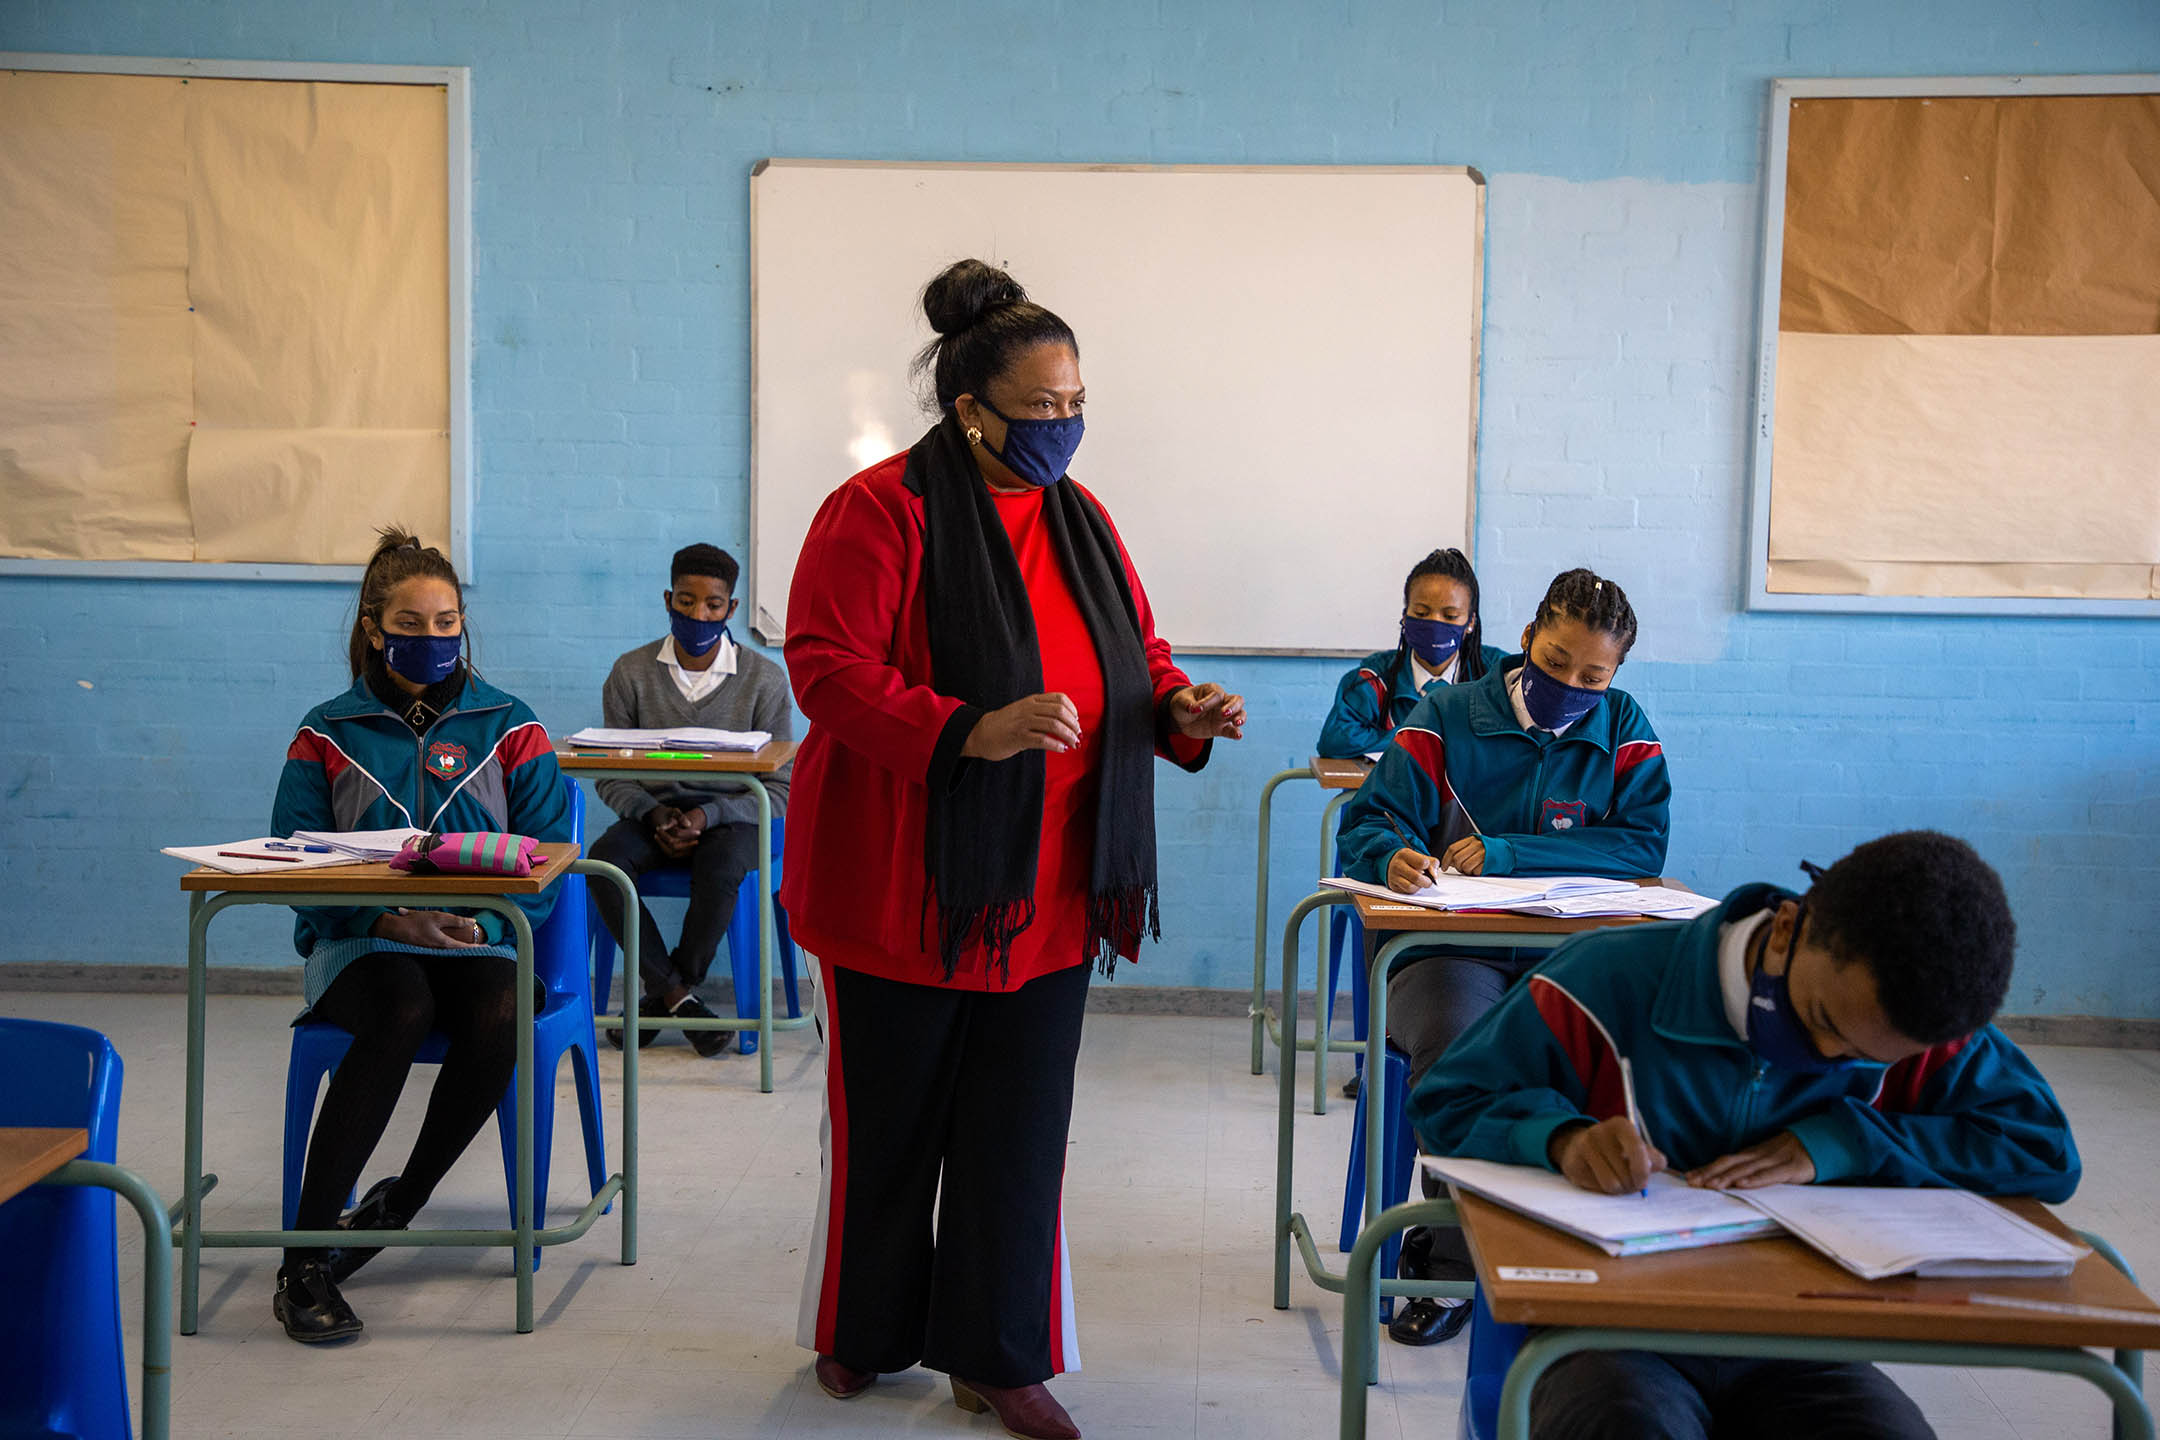 2020年6月18日南非開普敦,高中的學生在疫情期間上課。 攝:Roger Sedres/Gallo Images via Getty Images